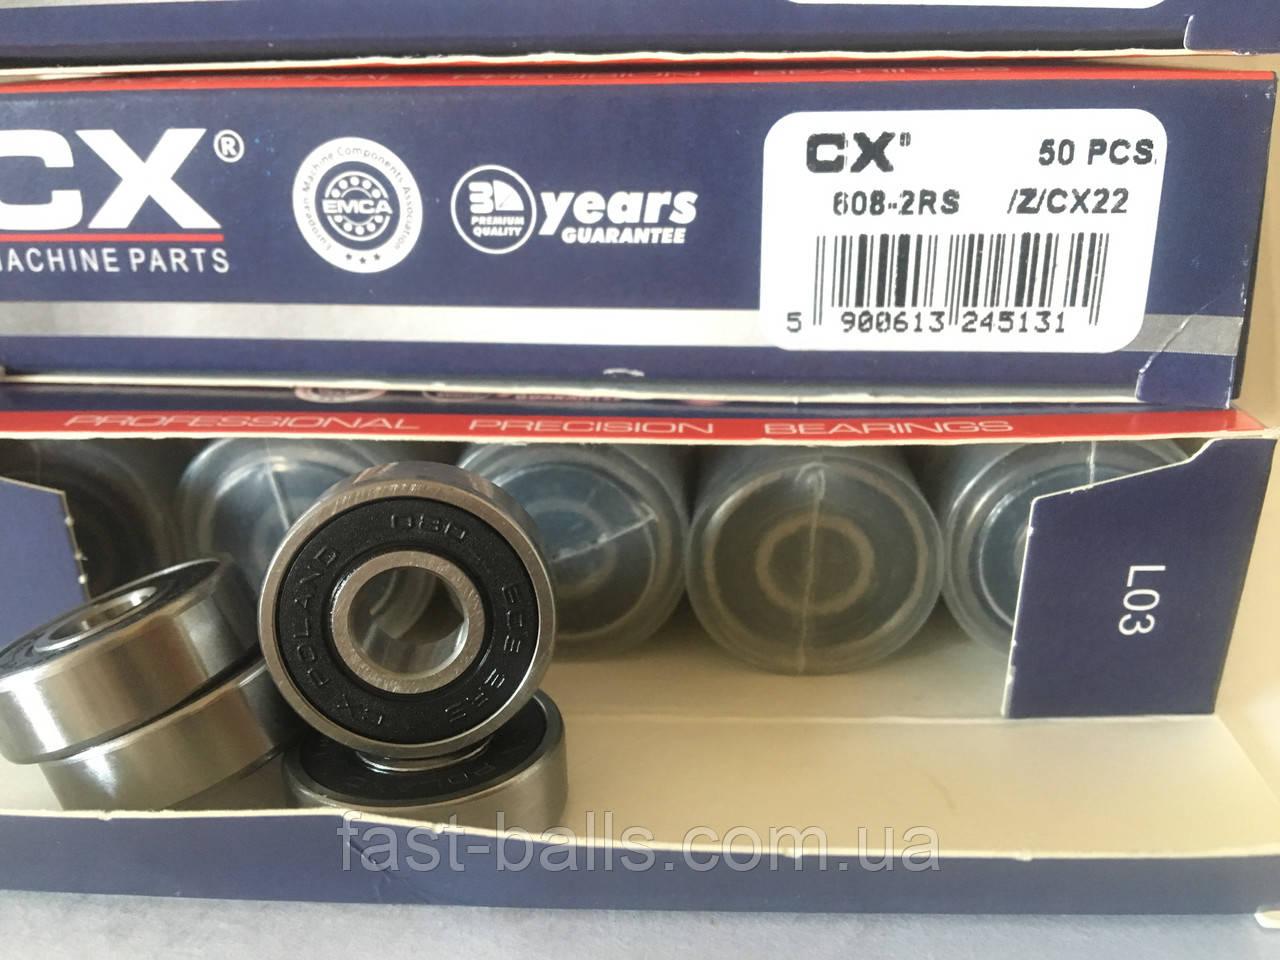 Подшипник CX 608 2RS (8x22x7) - 50шт.